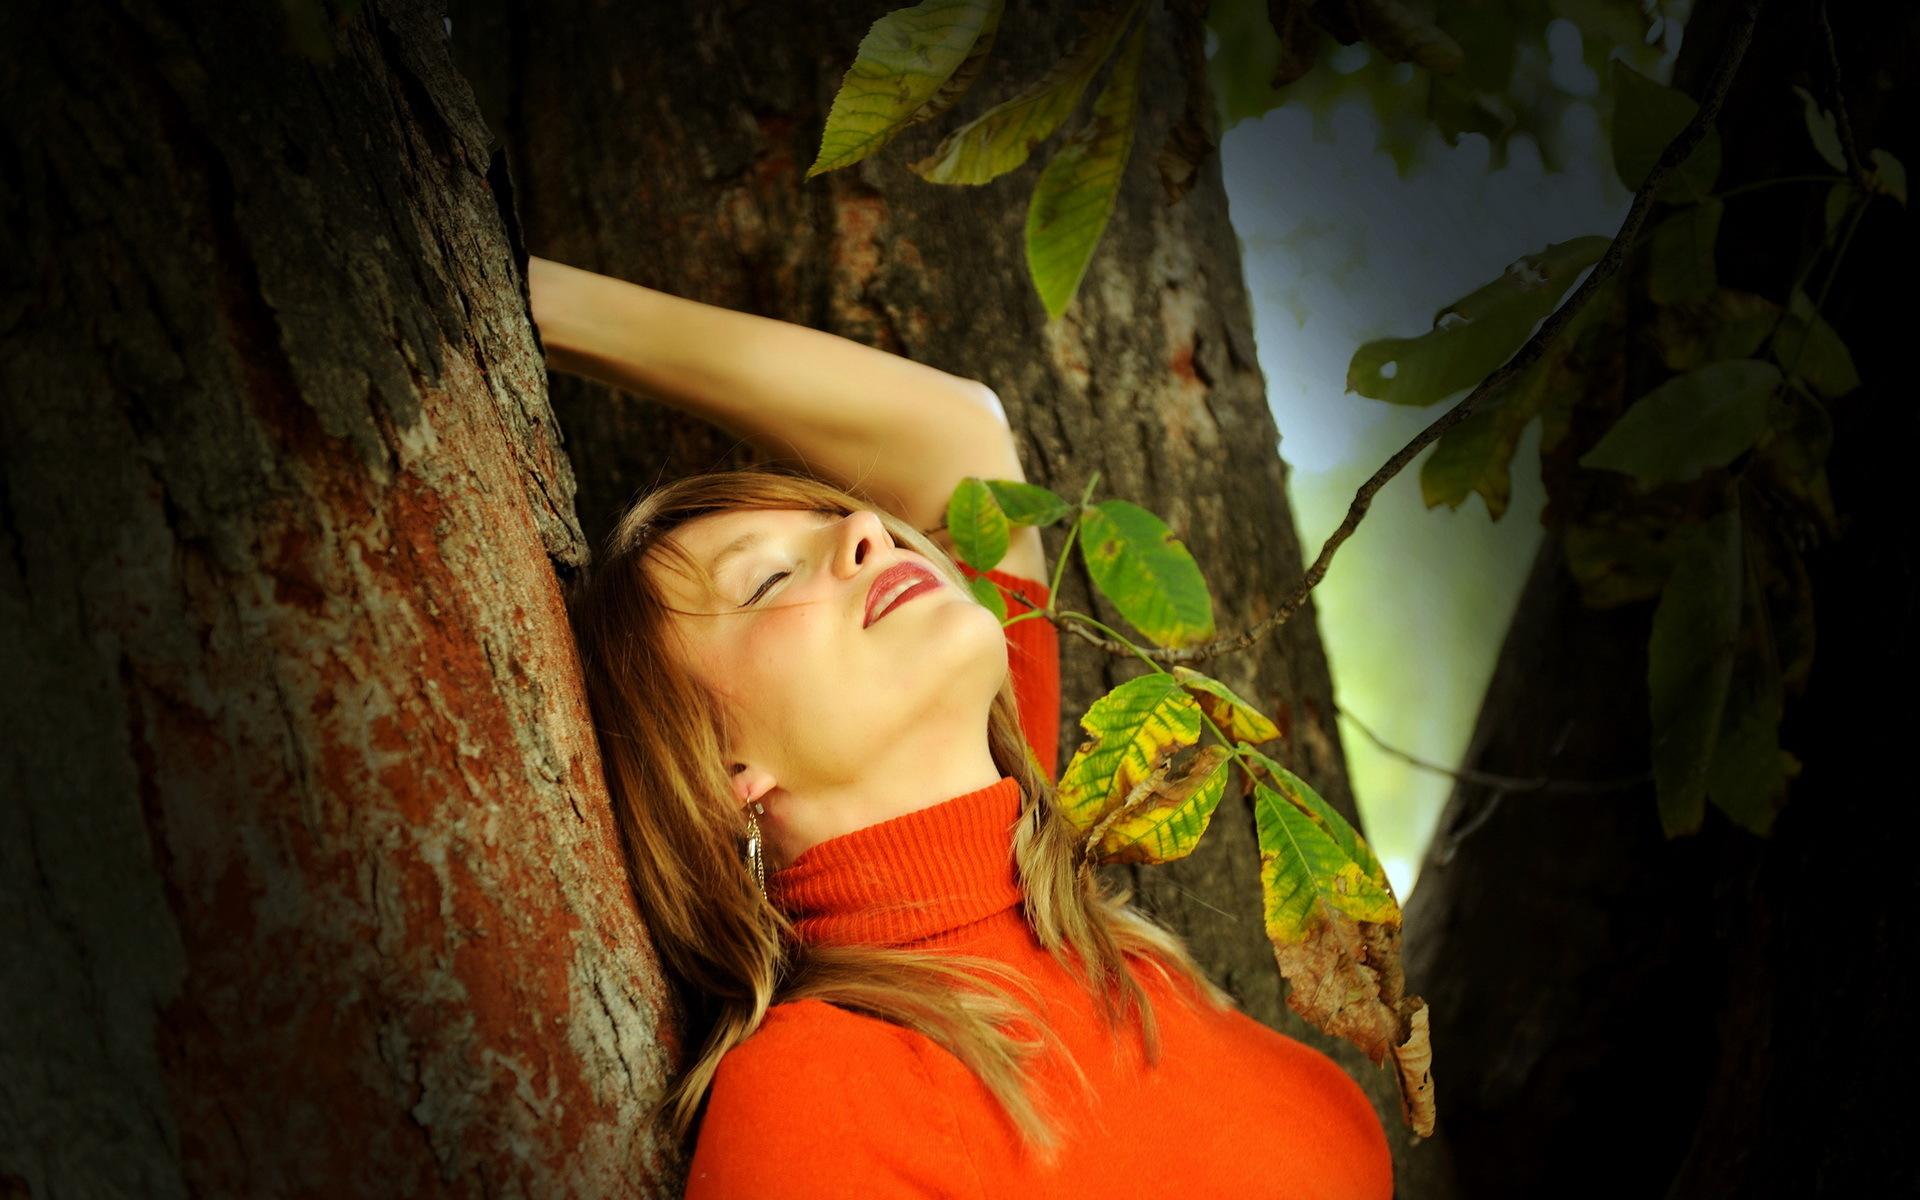 Девушка у дерева скачать